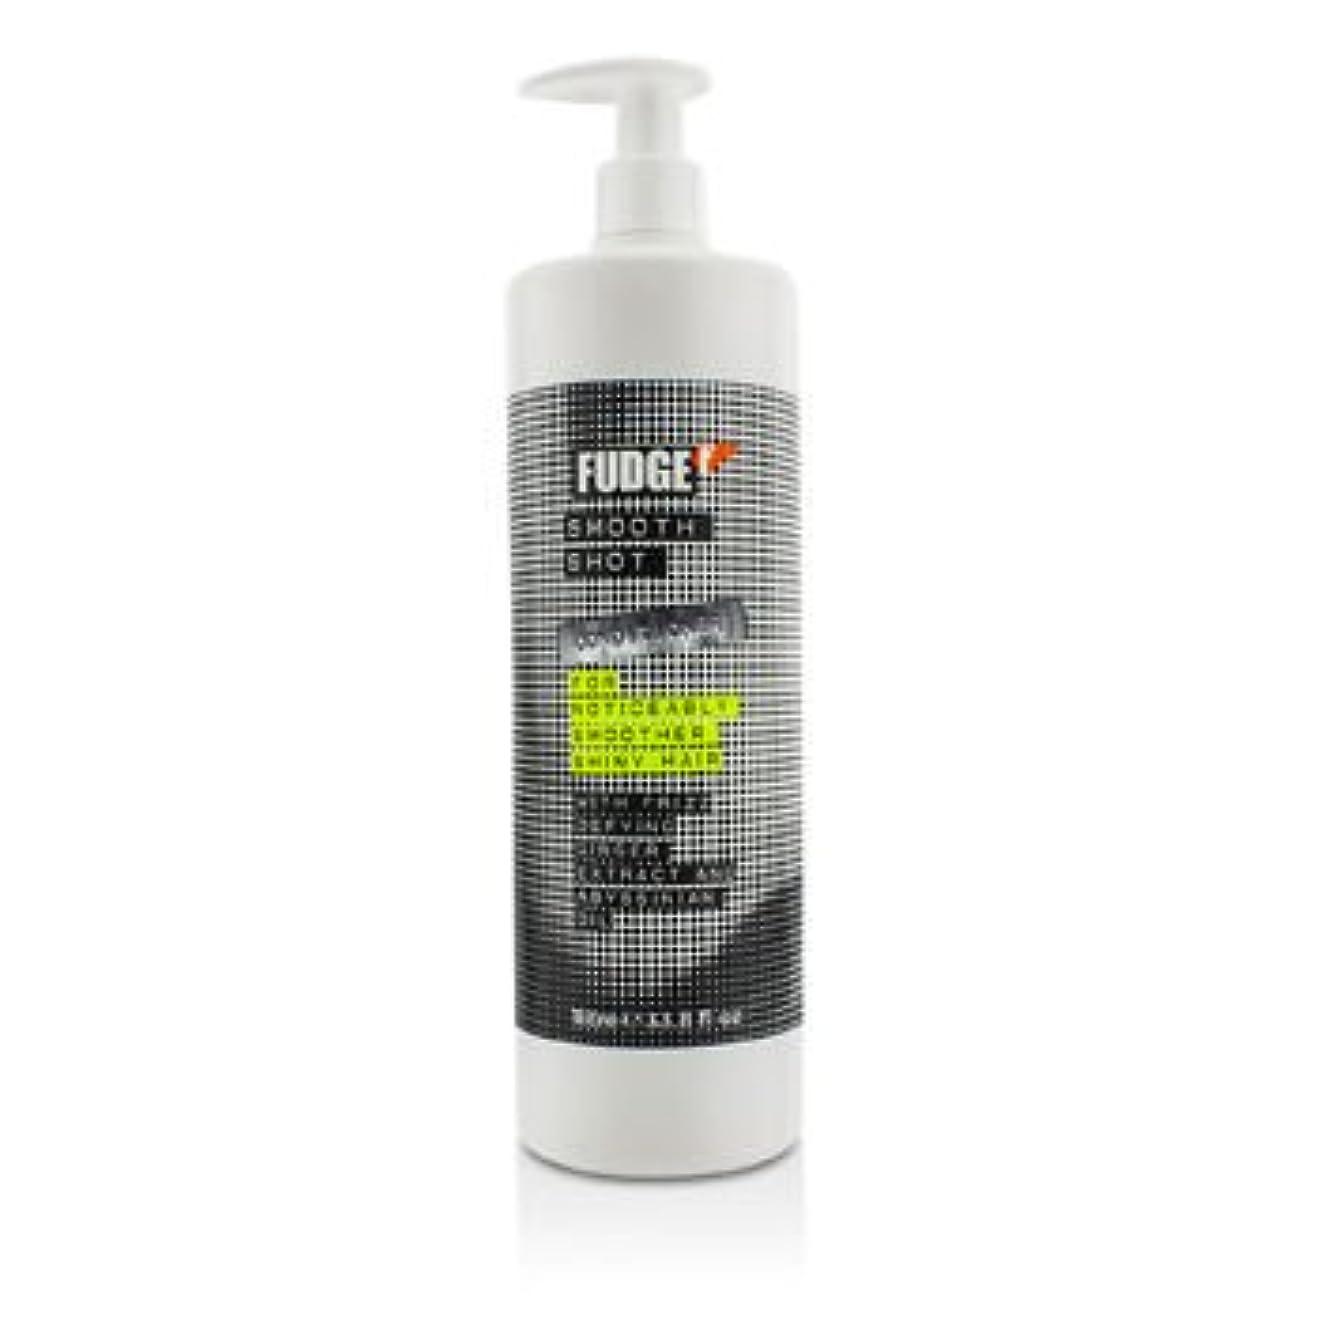 女の子三バレル[Fudge] Smooth Shot Conditioner (For Noticeably Smoother Shiny Hair) 1000ml/33.8oz